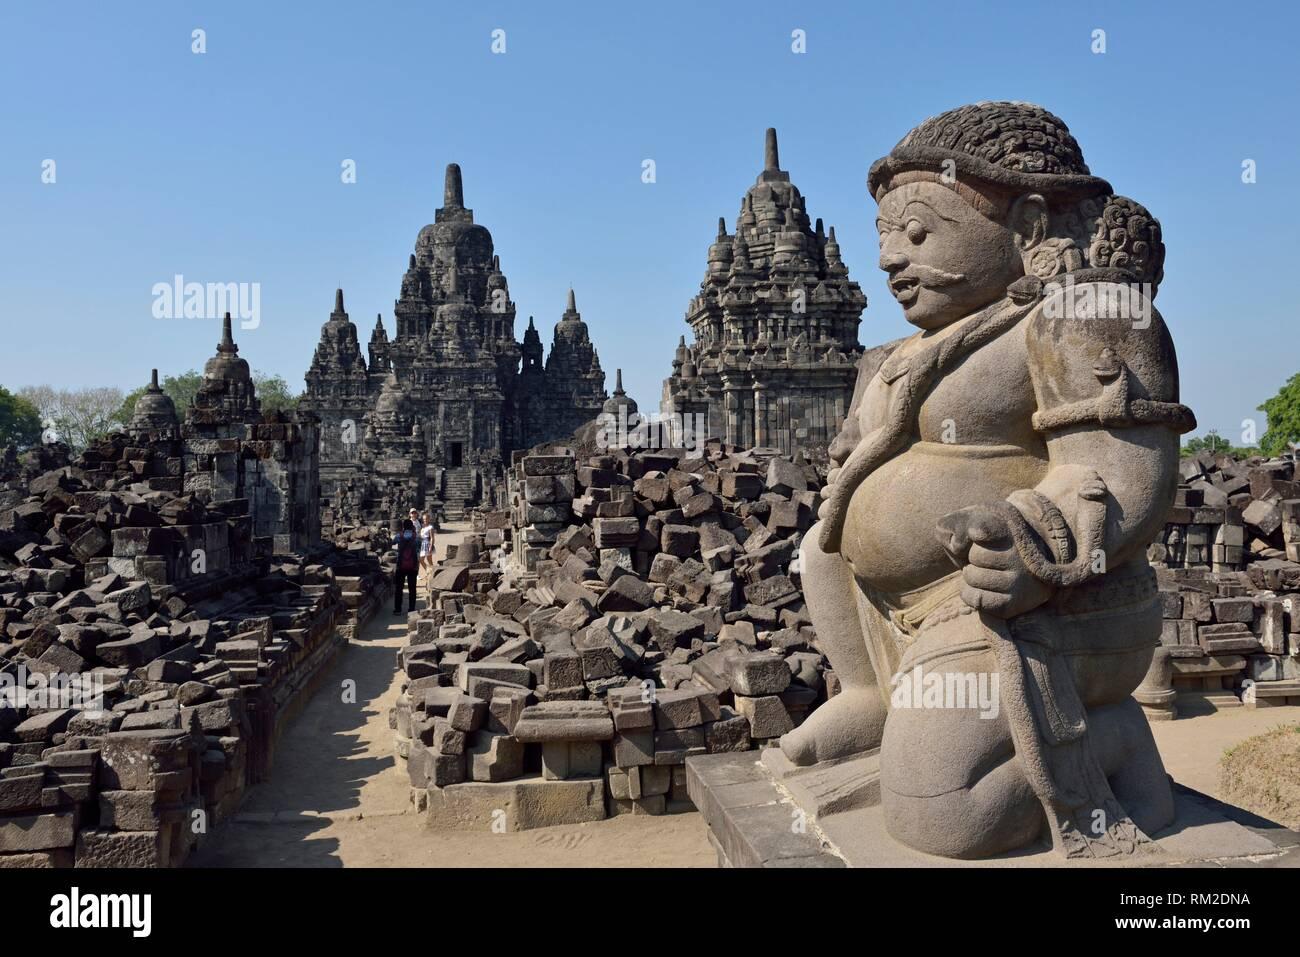 Stone Gate guardian (dvarapala) de Temple Sewu composé, huitième siècle temple bouddhiste situé au nord de l'ensemble de Prambanan, région de Photo Stock